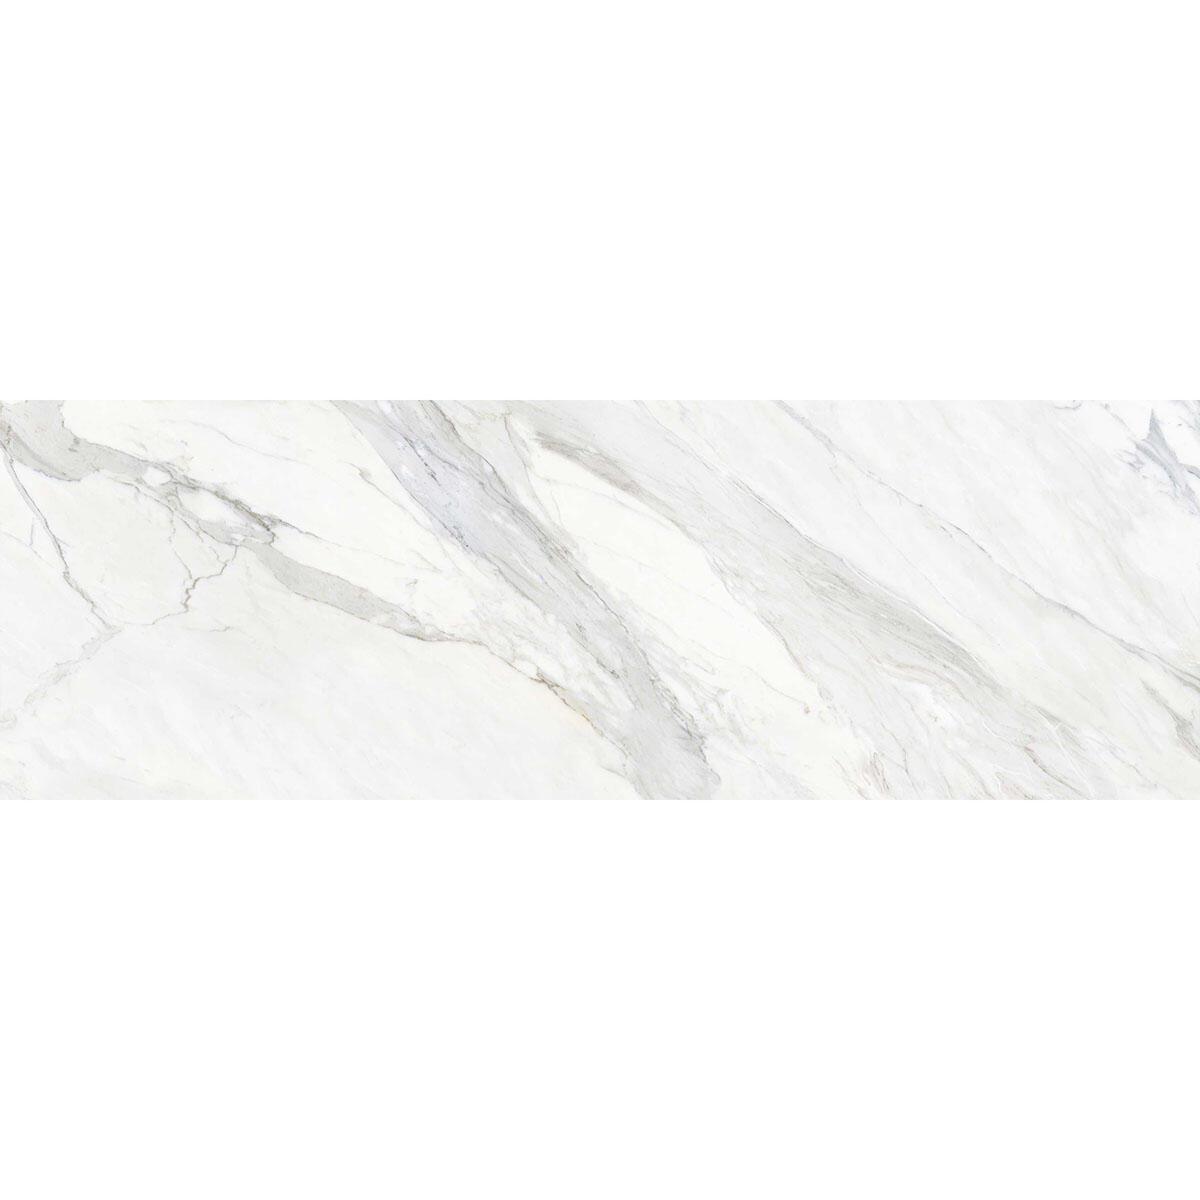 Piastrella Calacata 100 x 300 cm sp. 5.6 mm PEI 3/5 bianco - 2